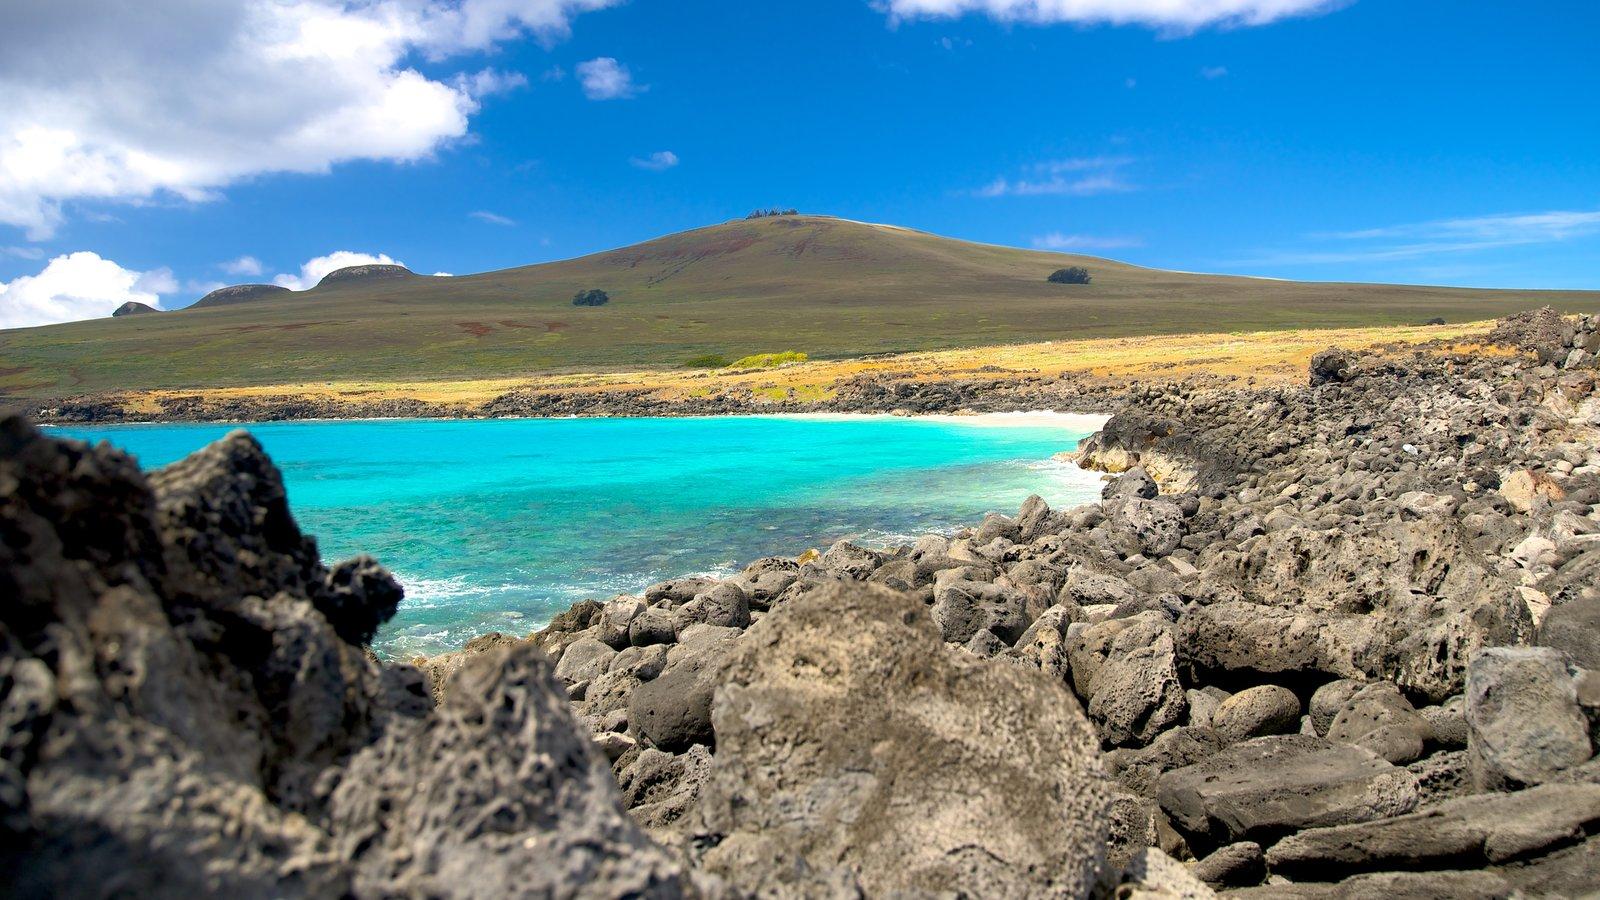 Isla de Pascua ofreciendo escenas tranquilas, un lago o abrevadero y vistas de paisajes